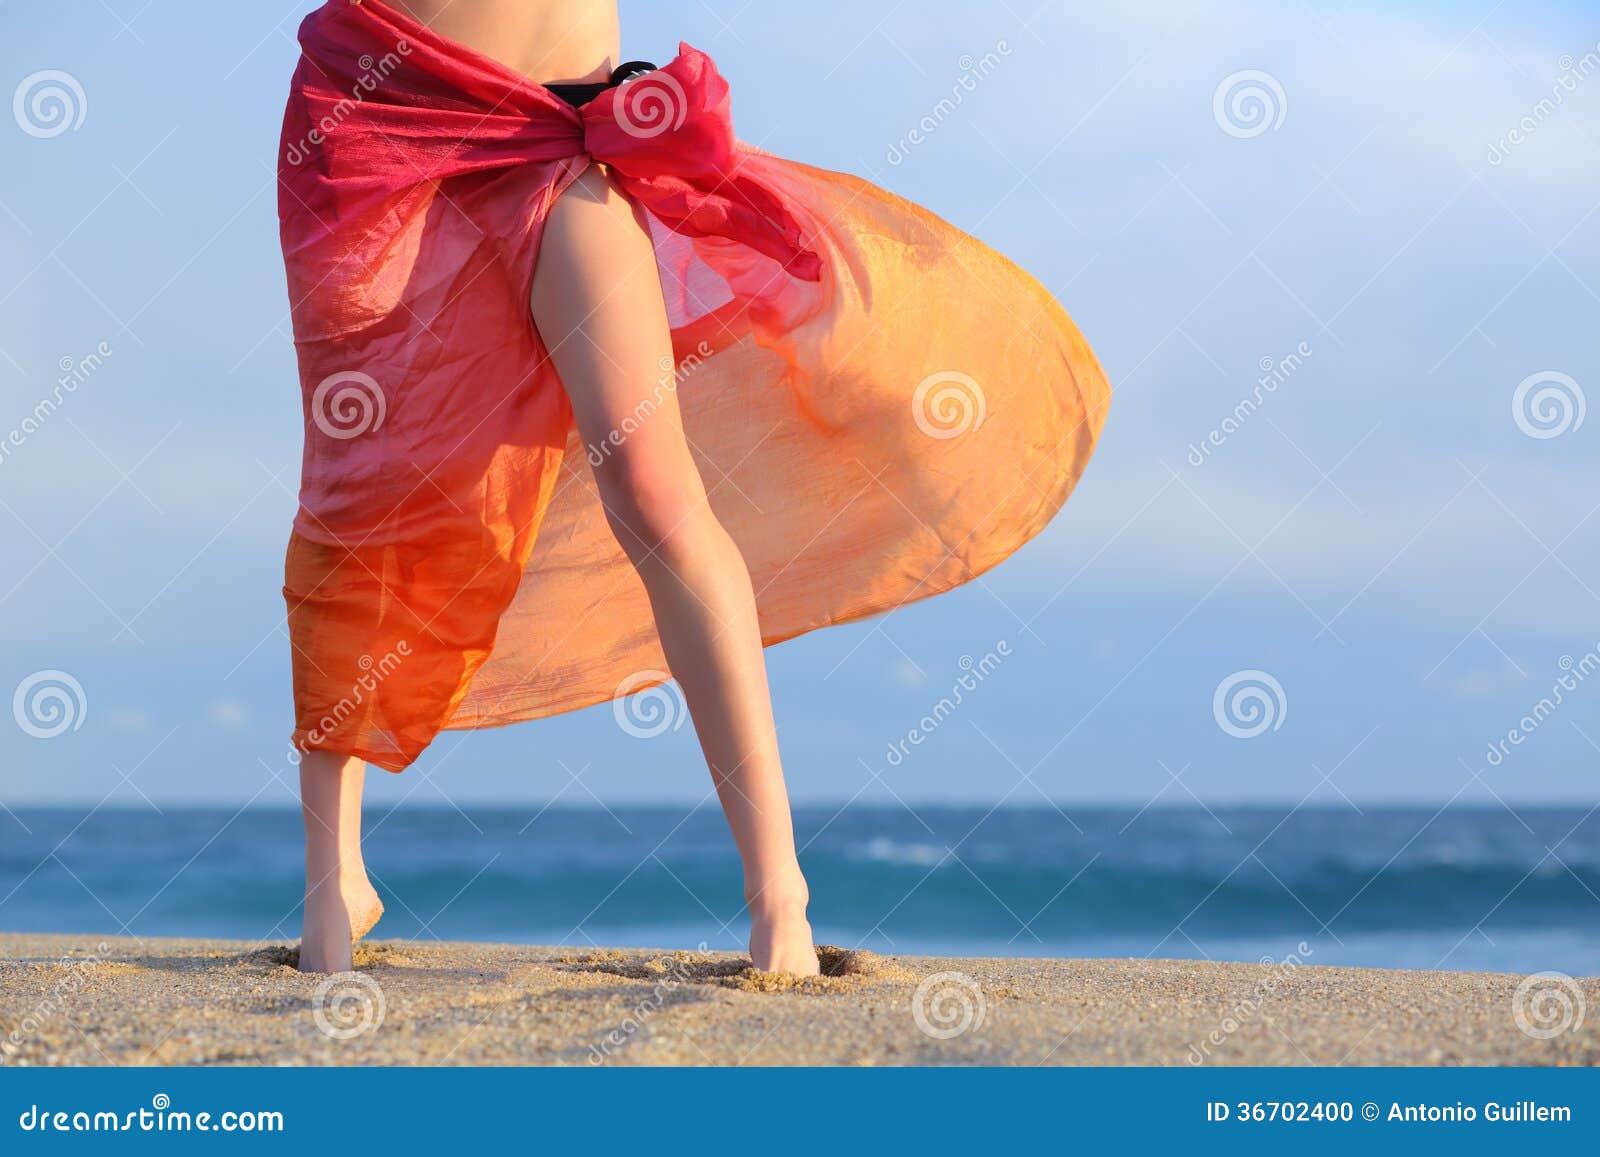 Jambes de femme des vacances posant sur la plage avec un pareo